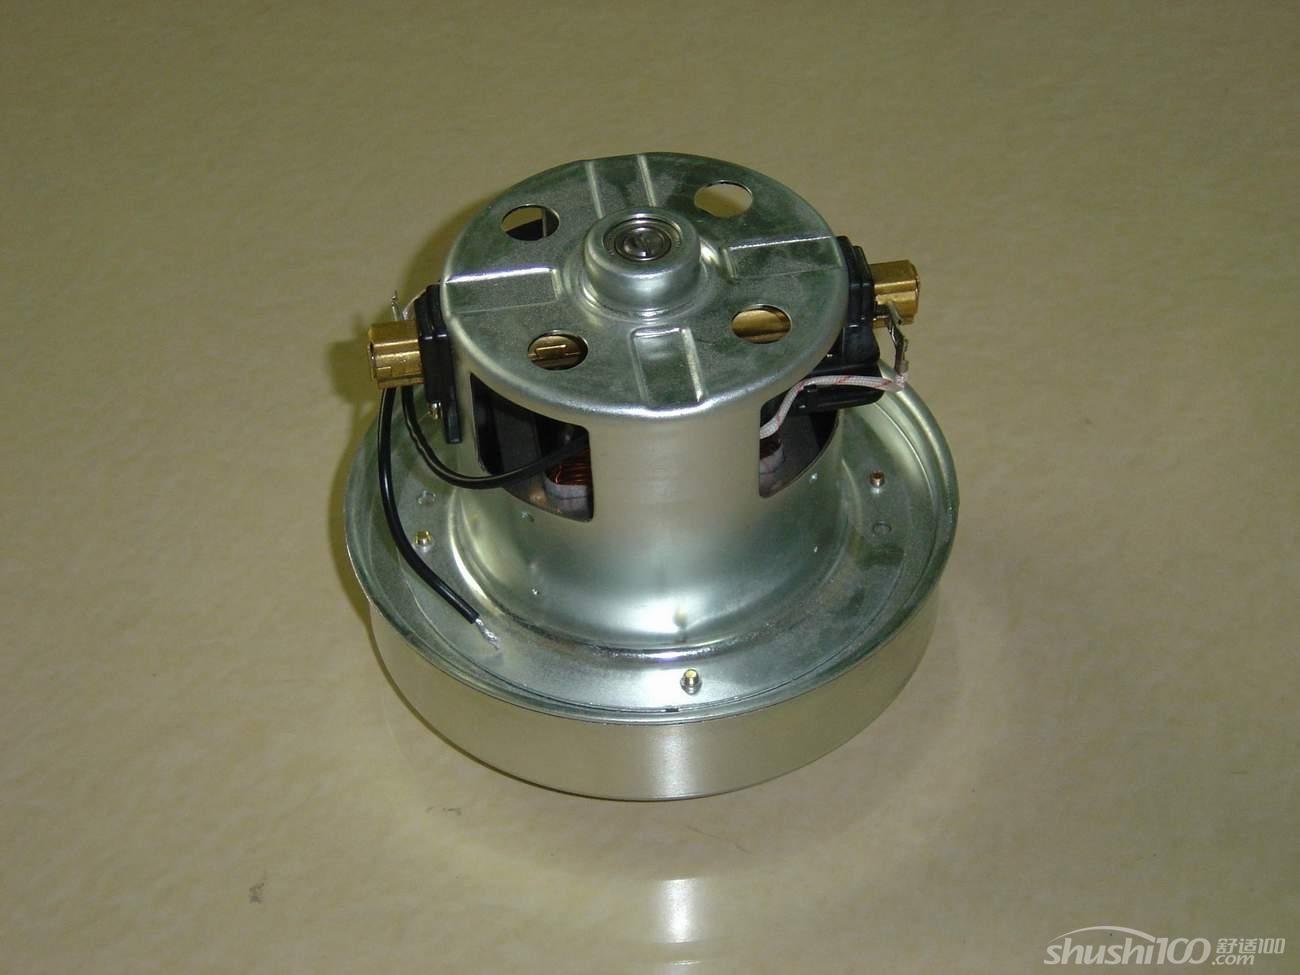 吸尘器电机—吸尘器电机分析介绍